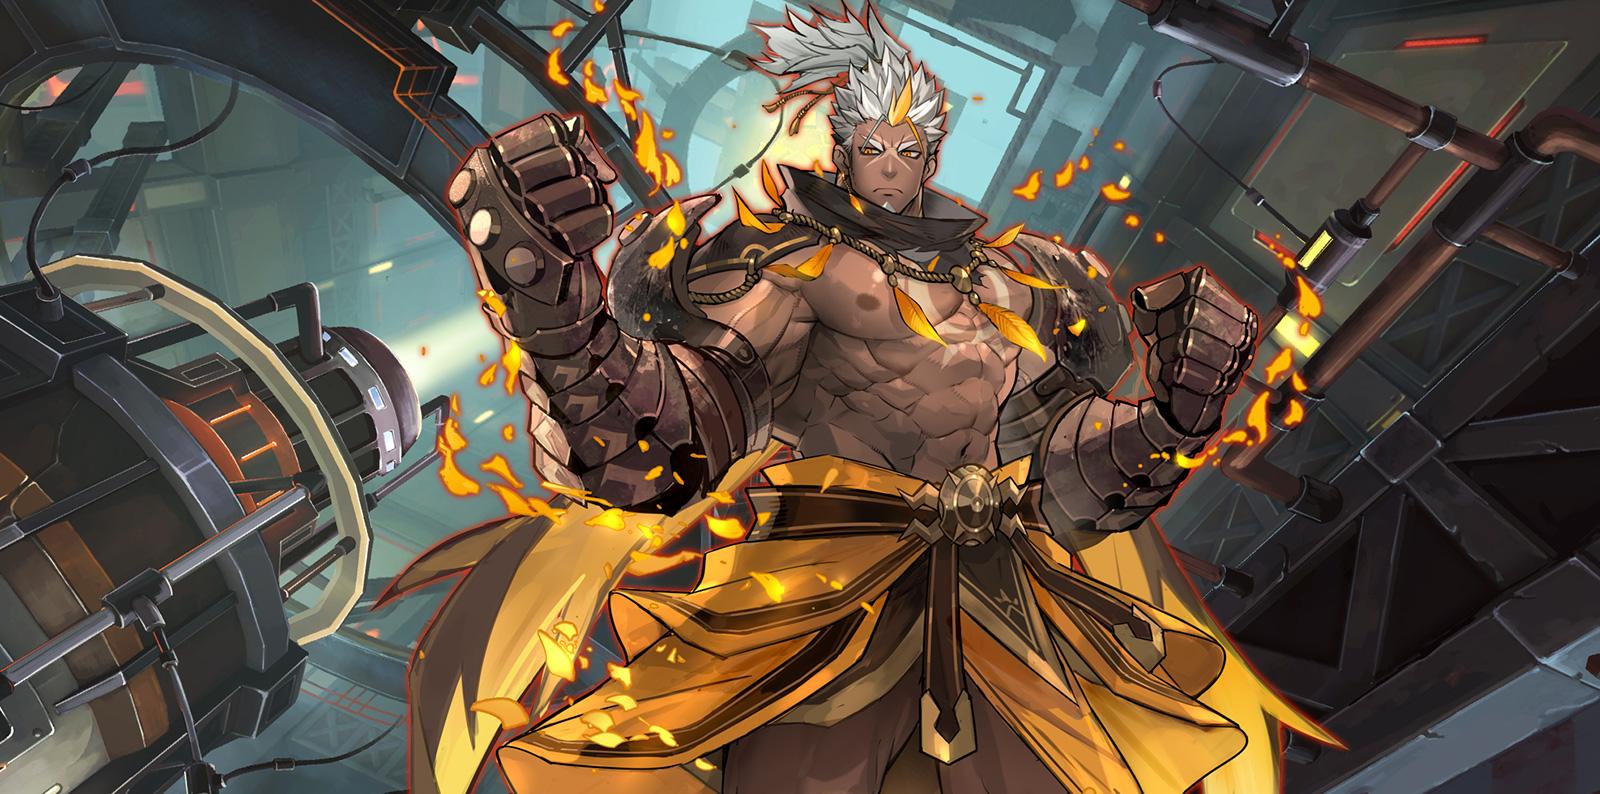 1月15日更新公告:露波虹彩裝扮、蘭丸泳裝-chouka_The_Iron_Fist_of_black_fire0.jpg